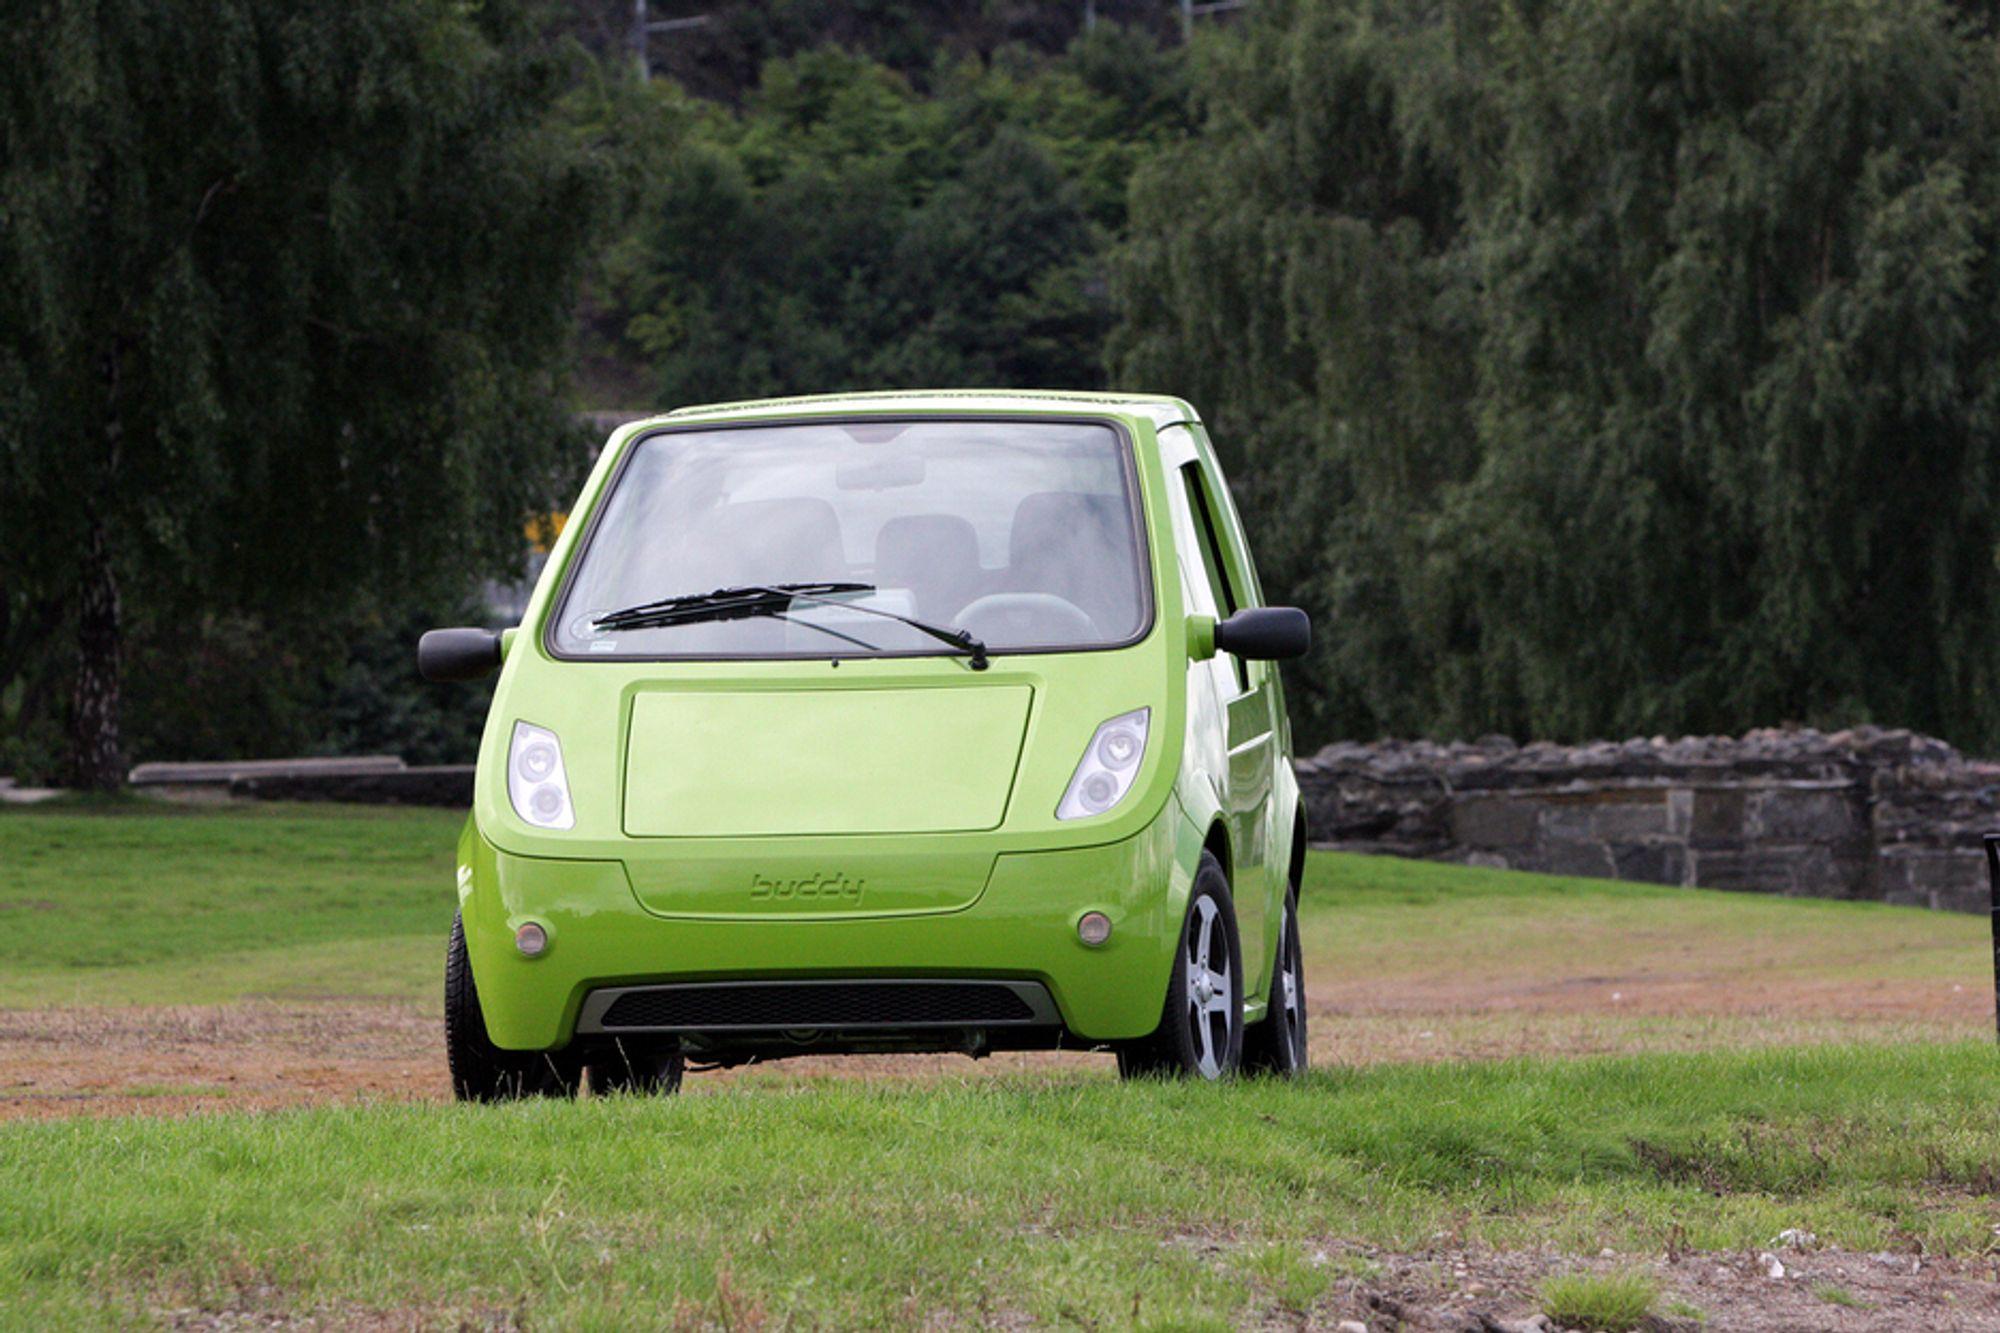 Pure Mobility kutter prisen på Buddy med 30.000 kroner.